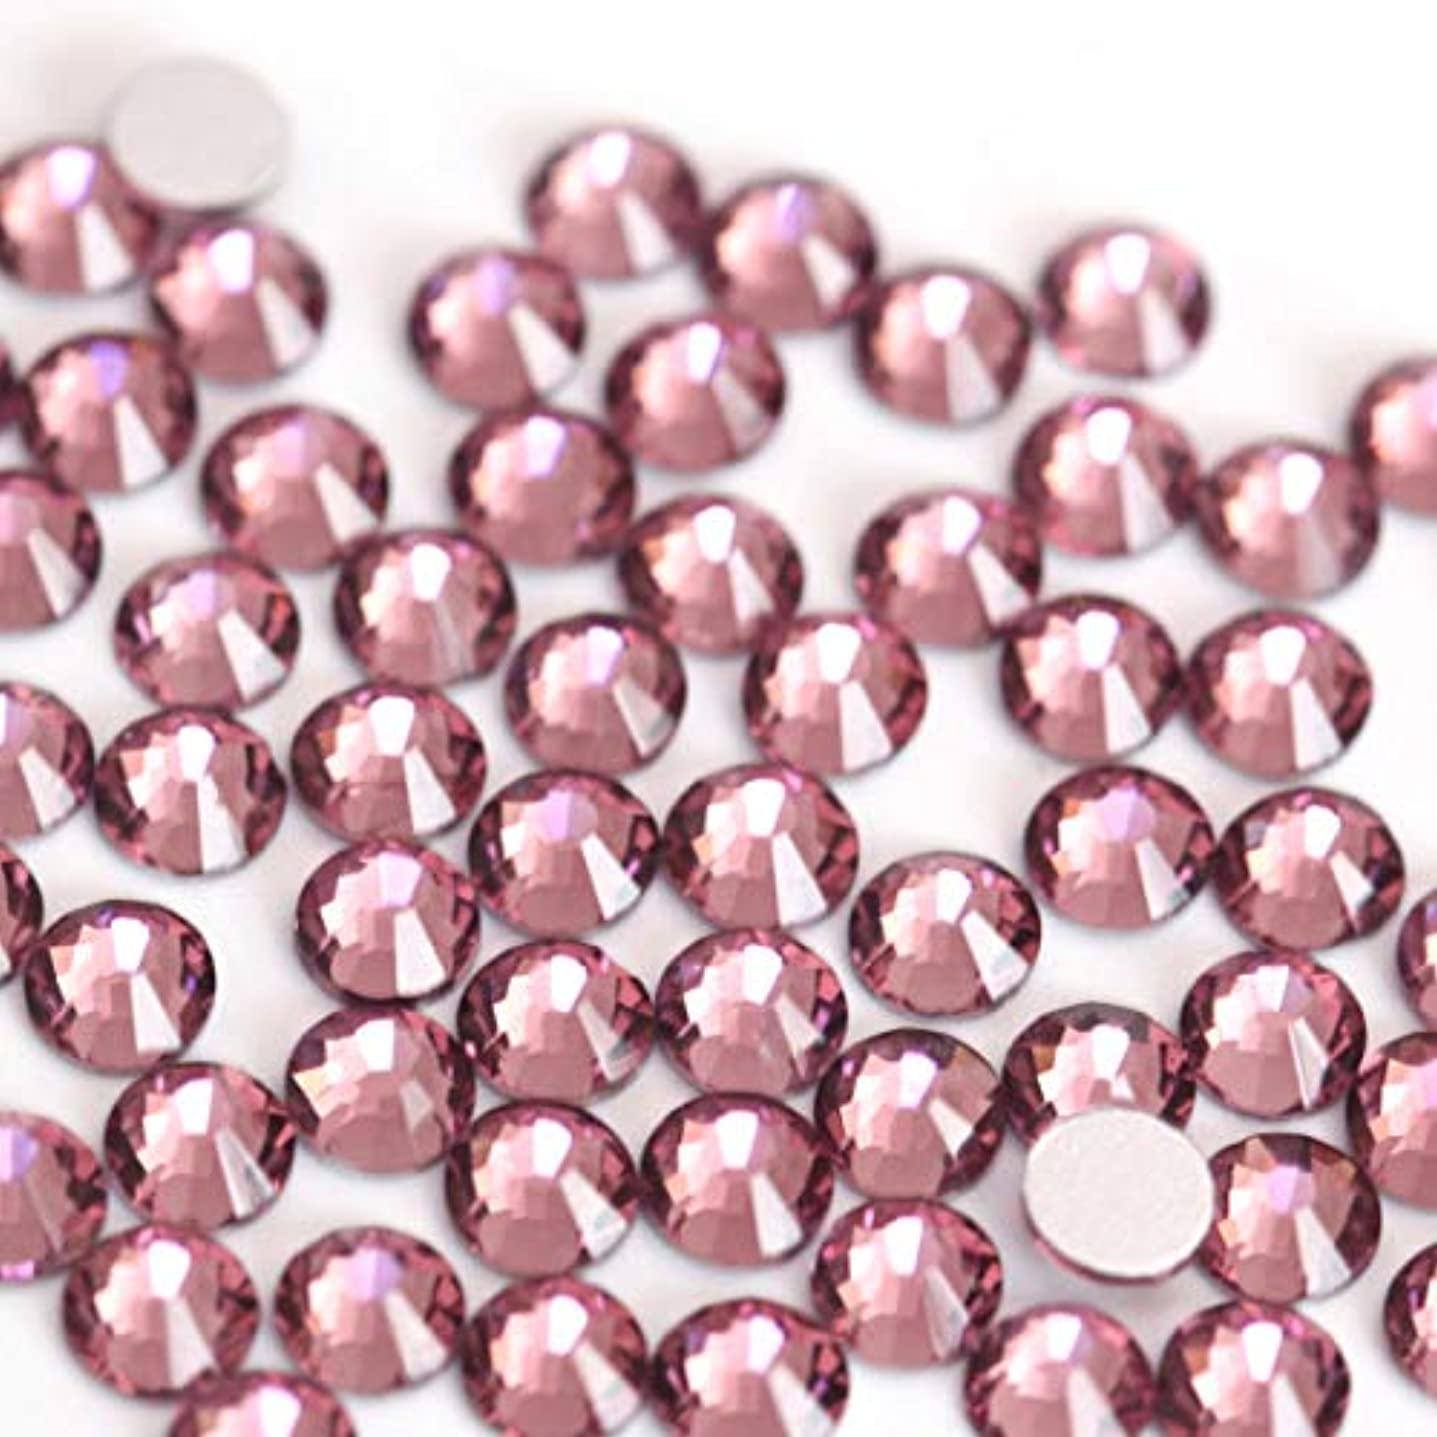 溶岩西始める【ラインストーン77】高品質ガラス製ラインストーン ライトアメジスト(2.2mm (SS8) 約200粒)